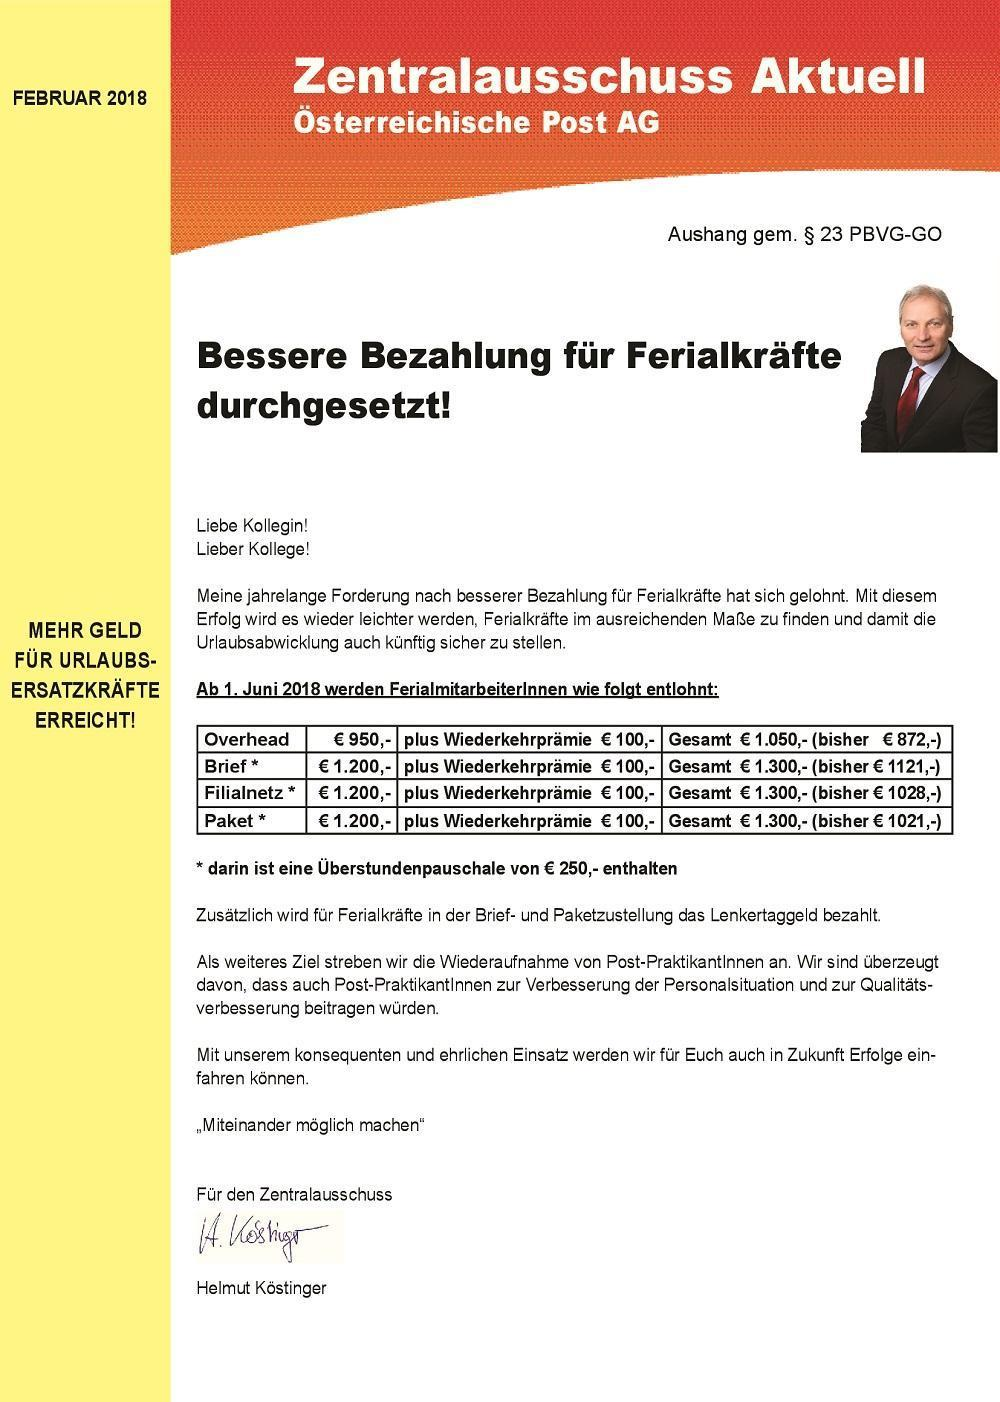 Niedlich Wiederaufnahme Der Dienstleistungen In Der Union Nj Galerie ...